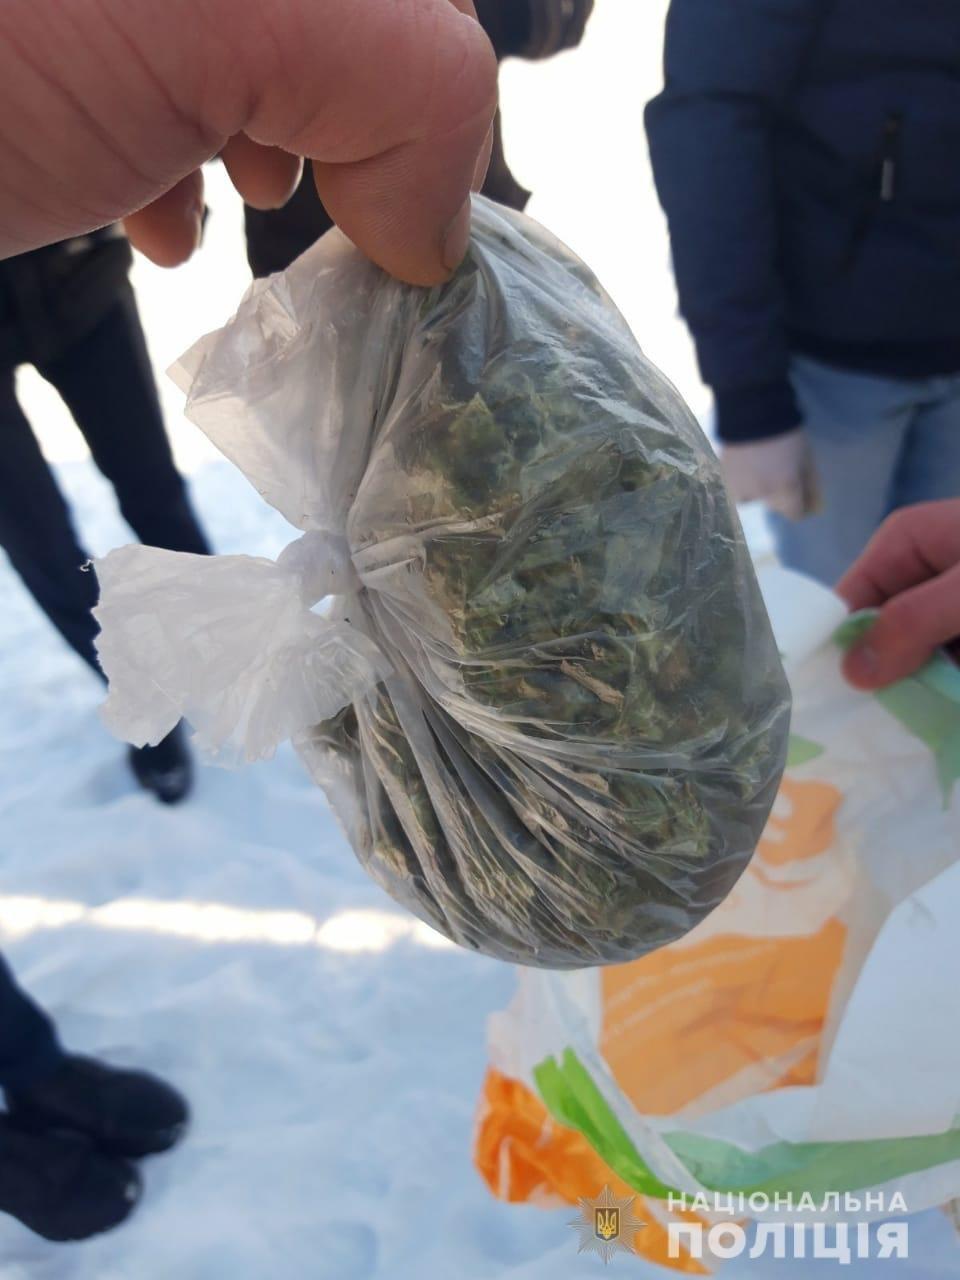 На Днепропетровщине мужчина хранил у себя в сарае наркотики, - ФОТО, фото-1